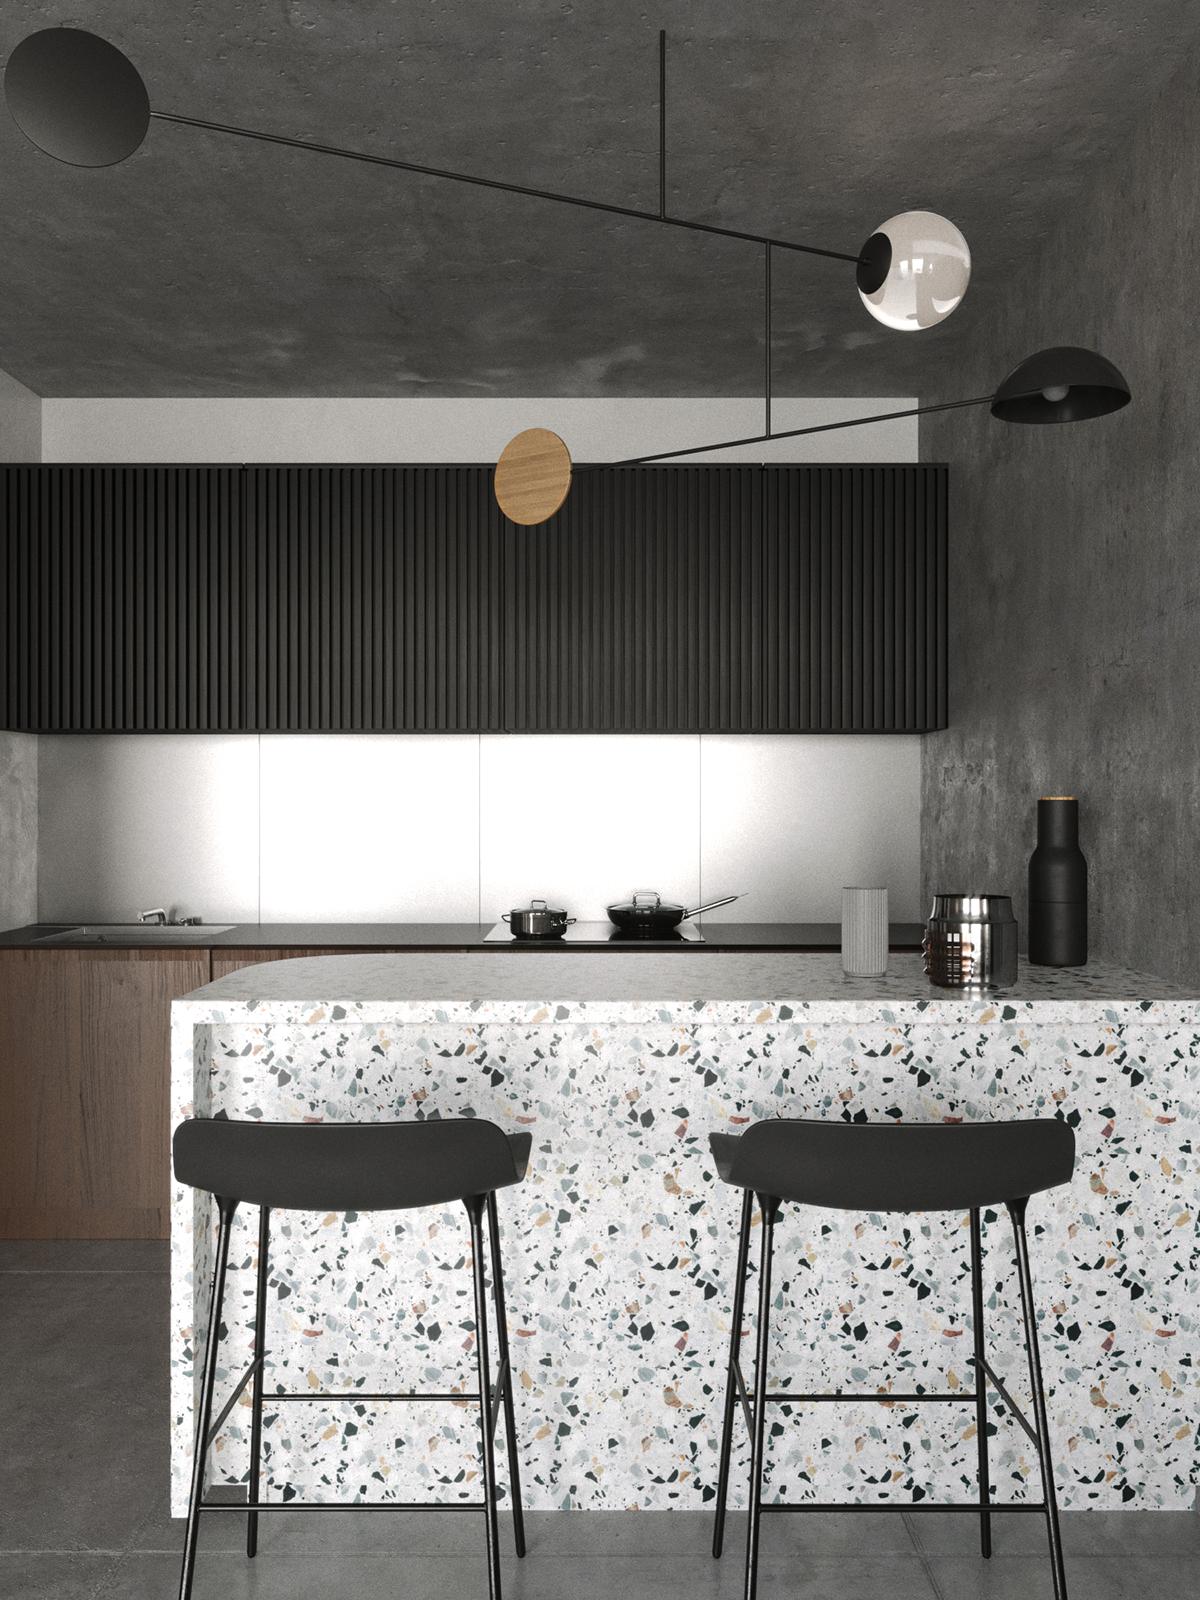 Küchenbeleuchtung ideen kleine küche pin von delightfull unique lamps auf kitchen inspiration  pinterest